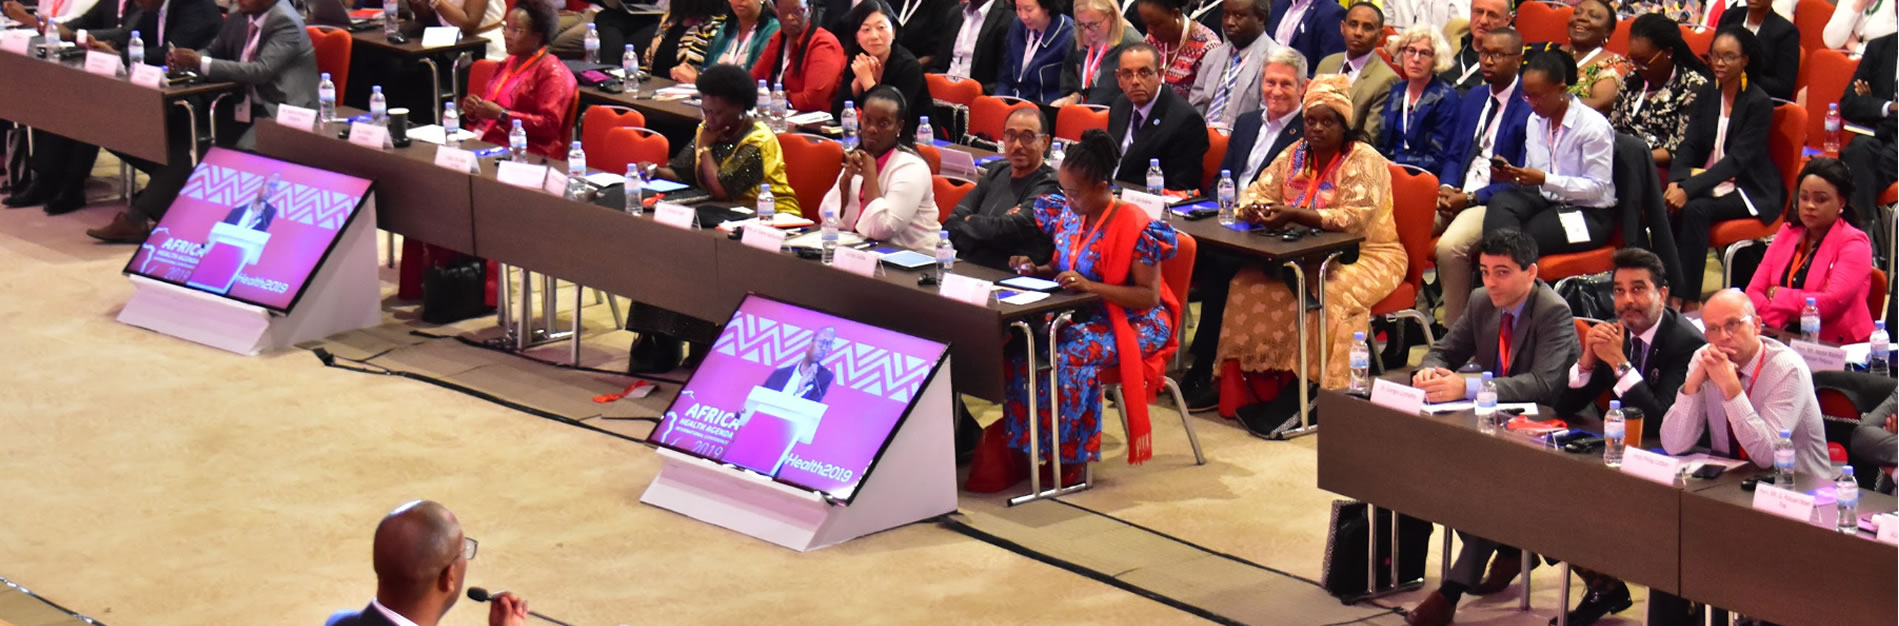 Africa Health 2019 Conference in Kigali, Rwanda Dr Githinji Gitahi